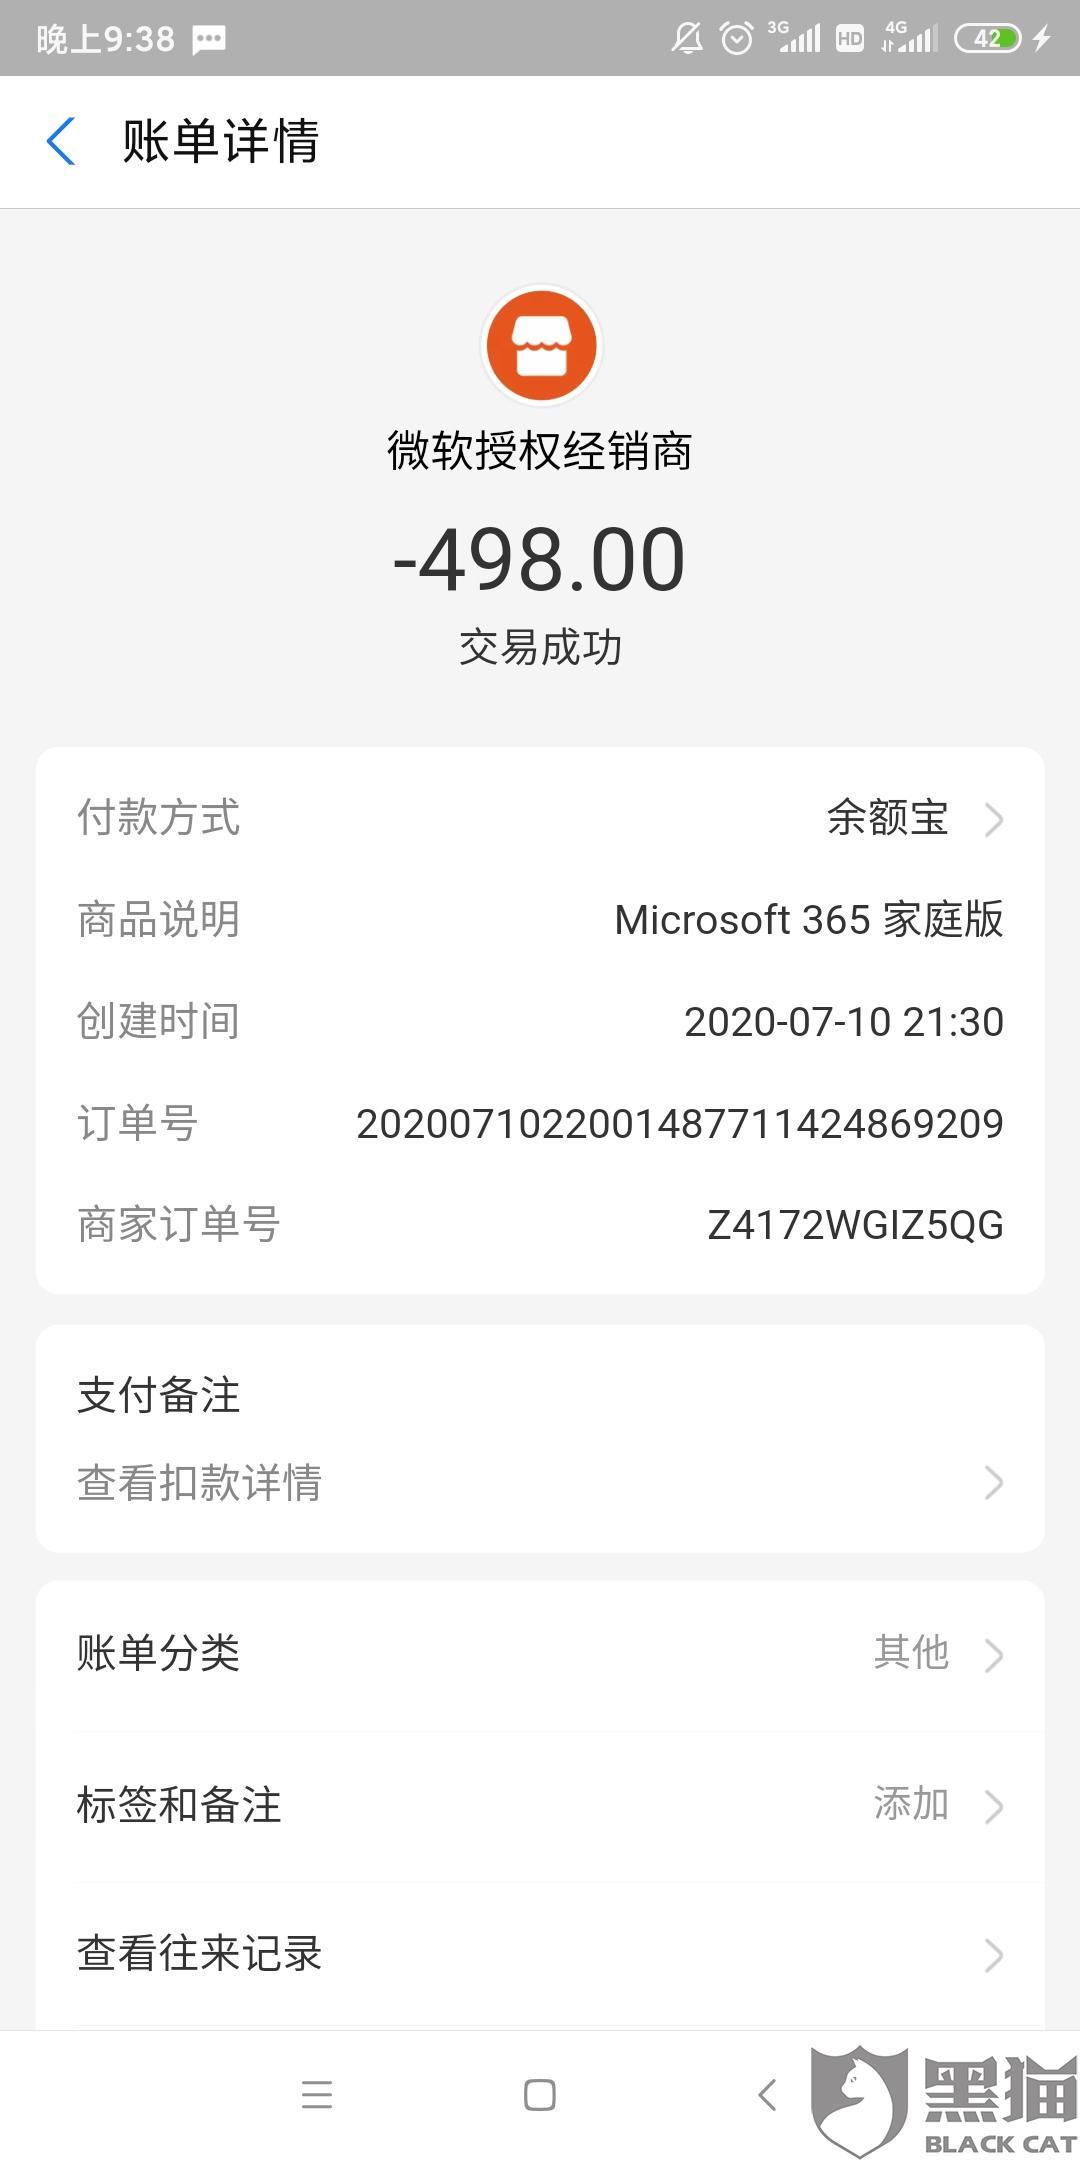 黑猫投诉:微软office365无故扣费